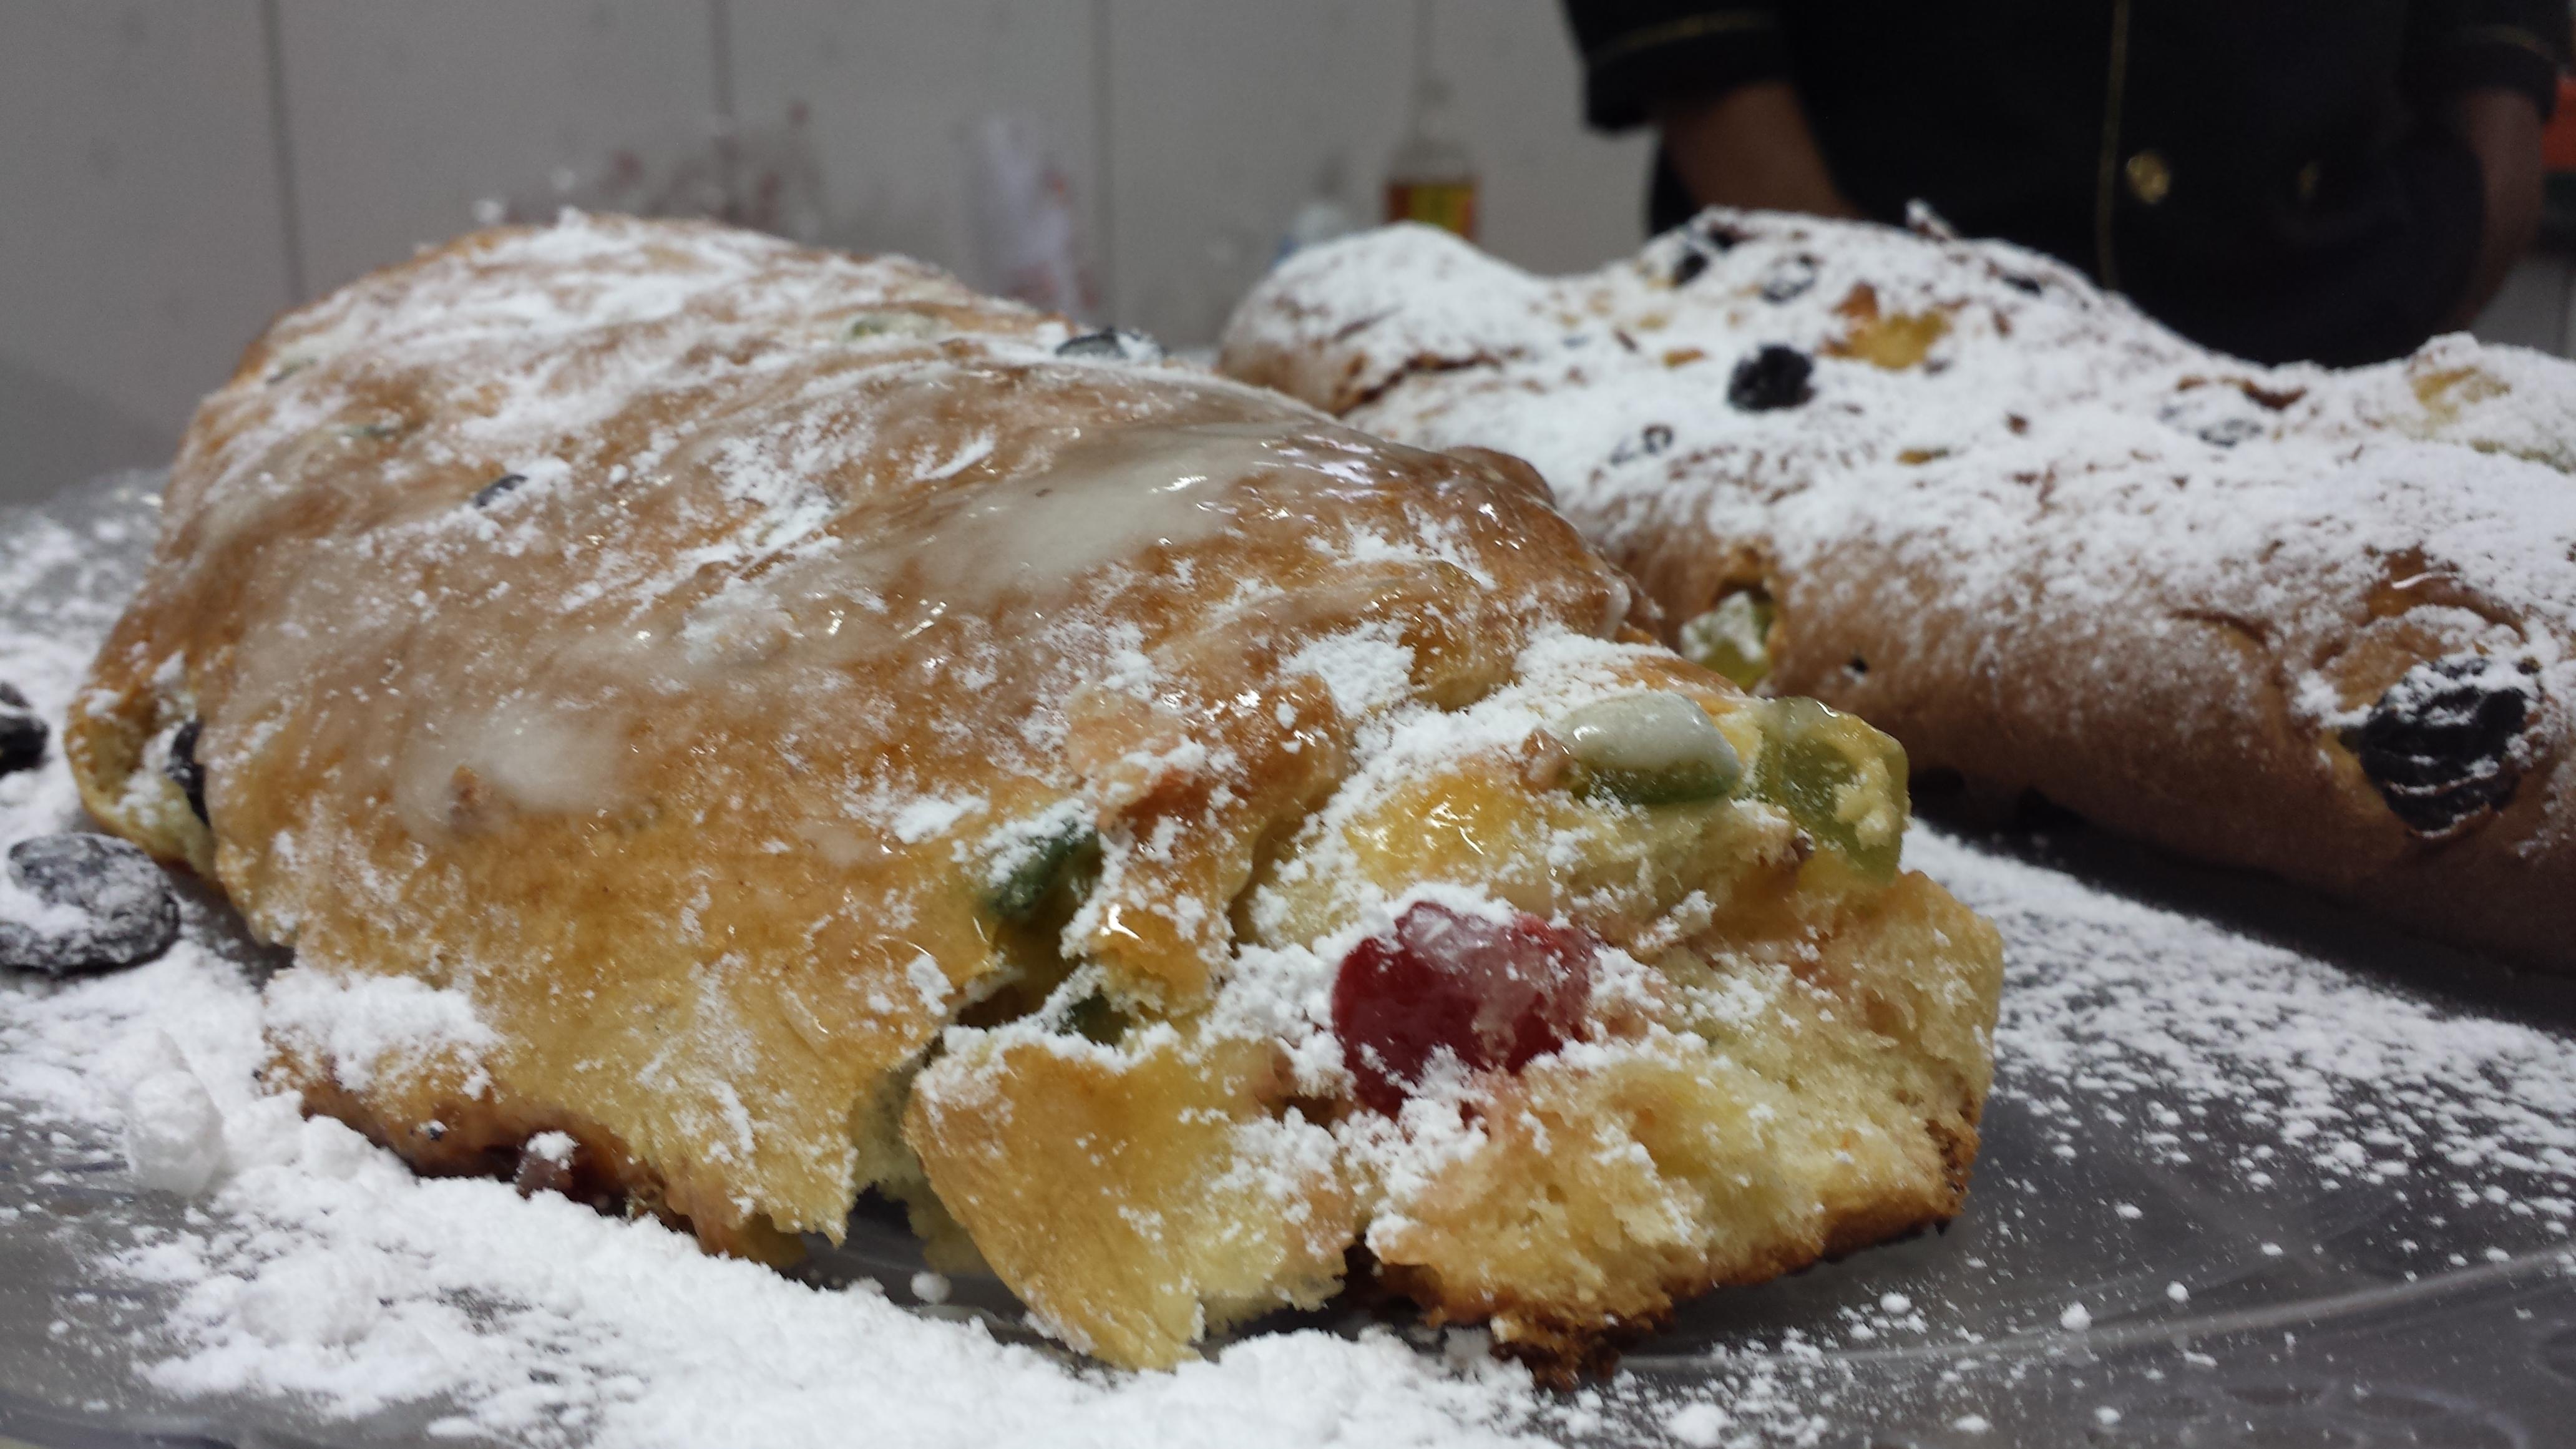 Festival de Panetone, Chocotone, Bolo Rei, Stollien (pão com nozes e chocolate). 04/11/2014